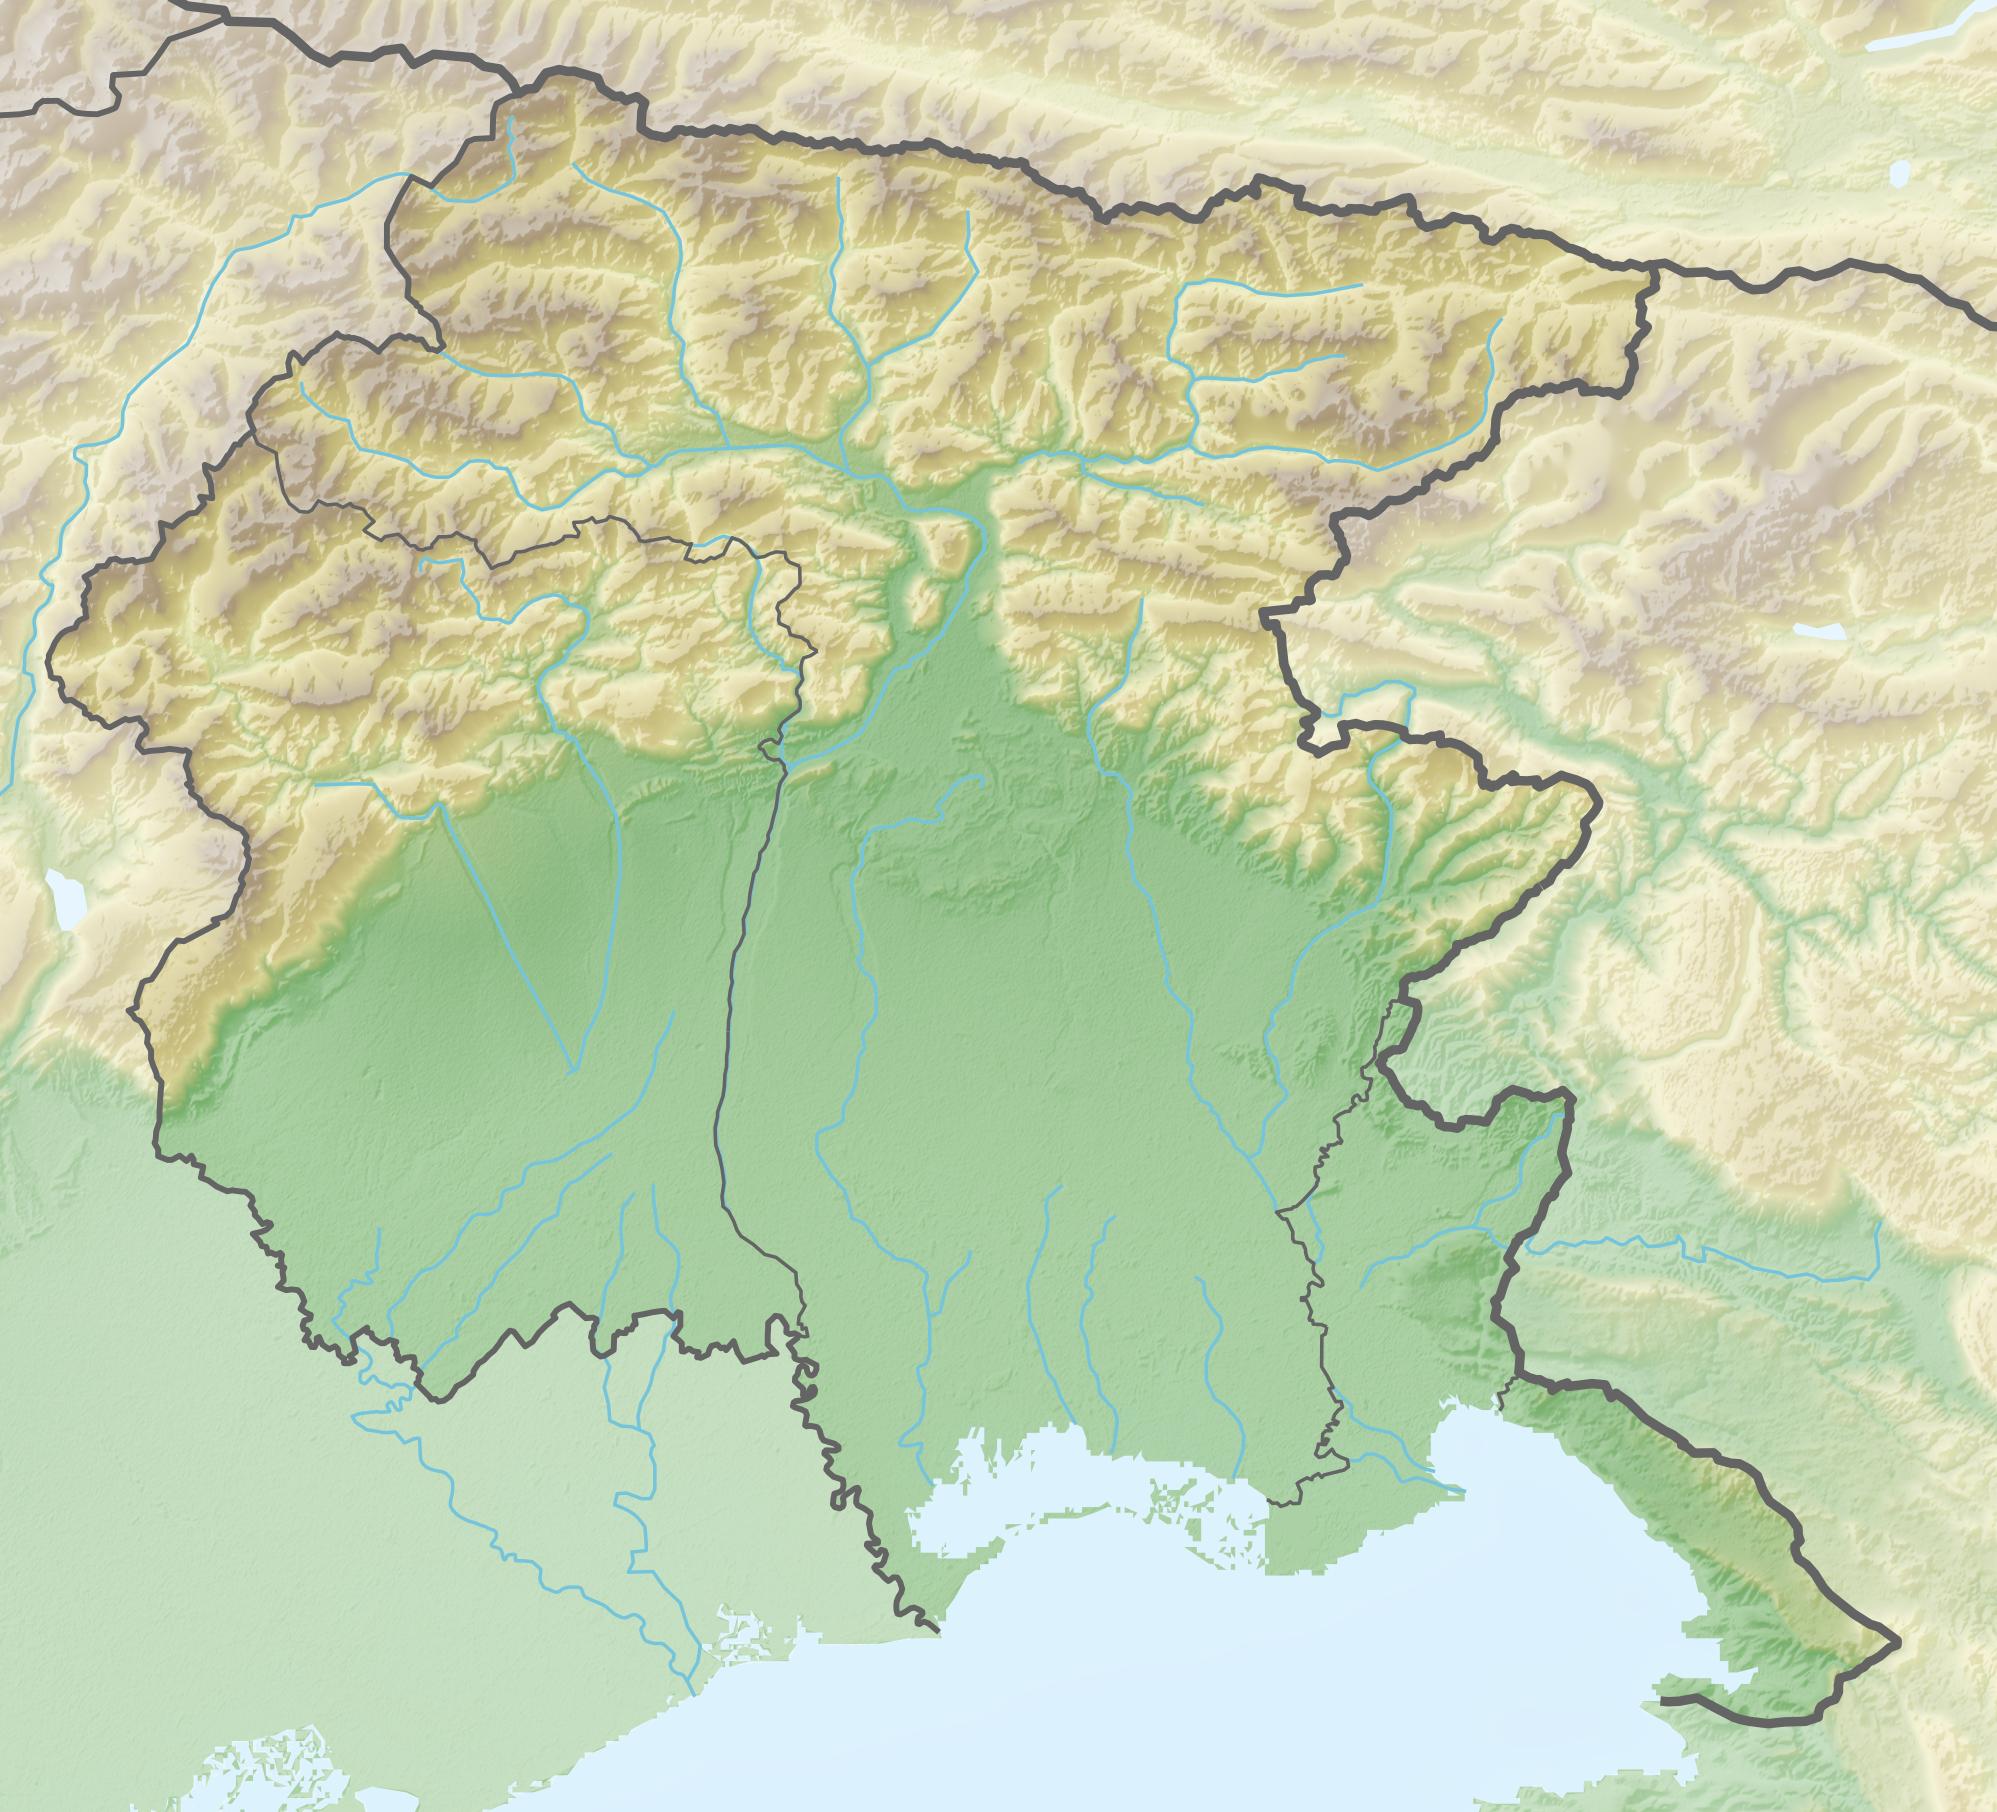 Cartina Sismica Italia Wikipedia.1976 Friuli Earthquake Wikipedia